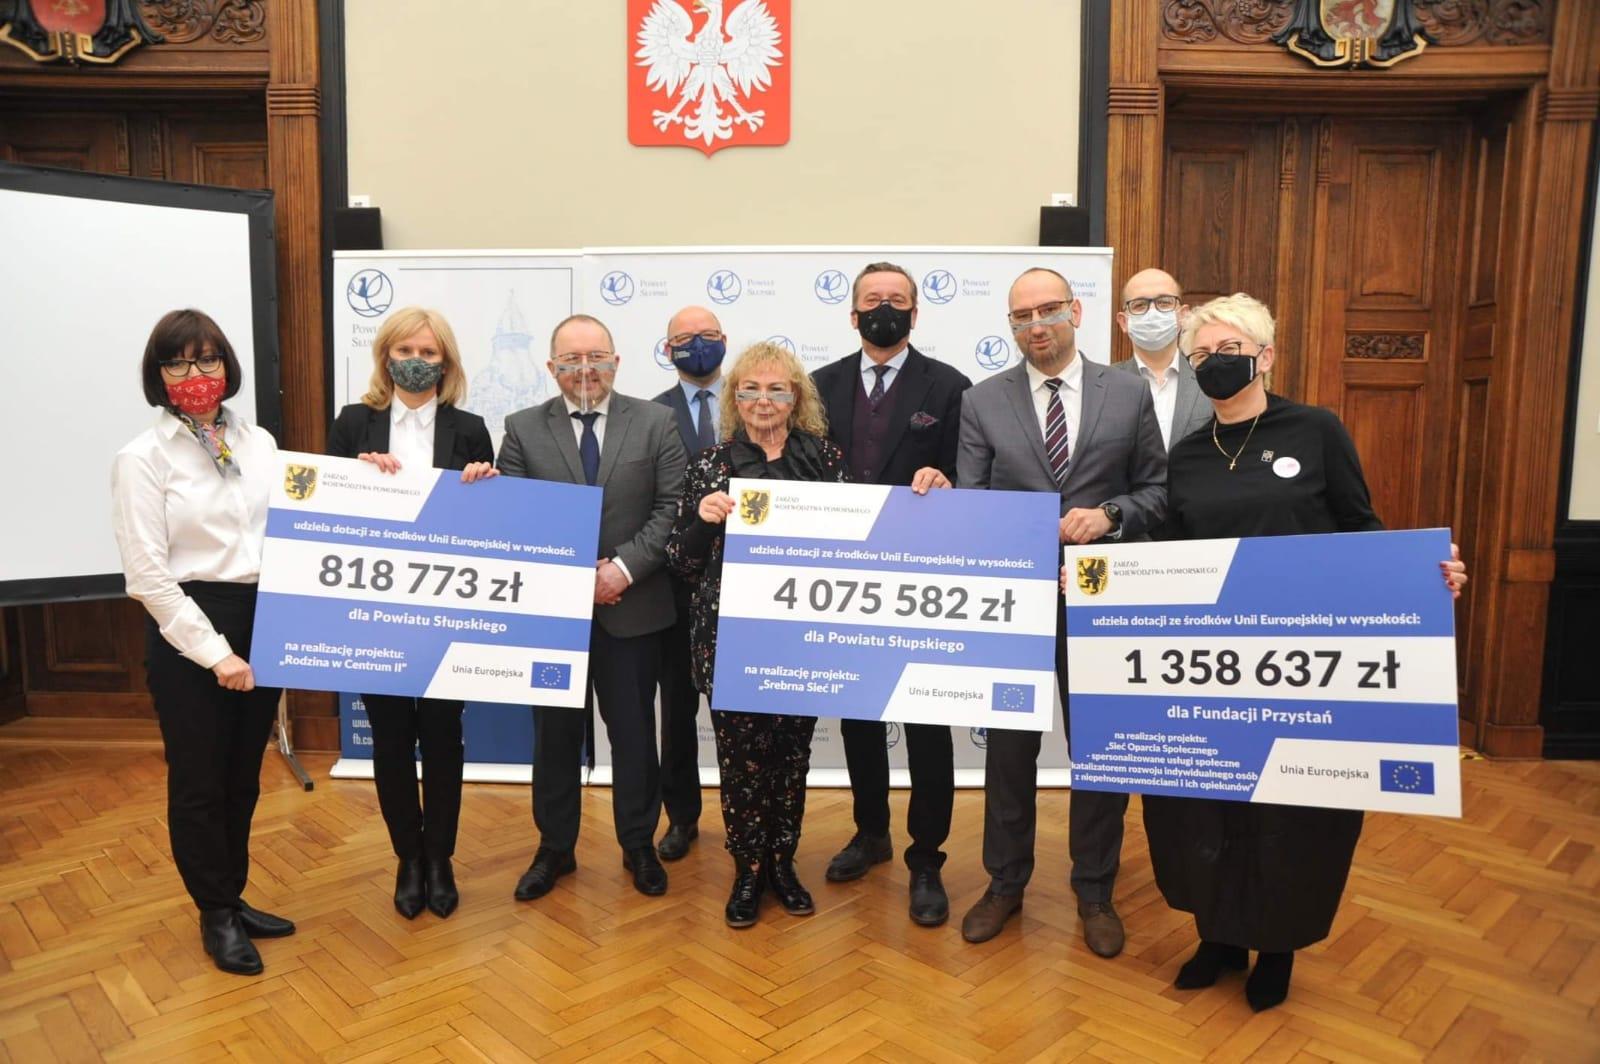 Ponad 6,2 mln zł dla powiatu słupskiego i fundacji Przystań. Unijne dotacje na wsparcie usług społecznych